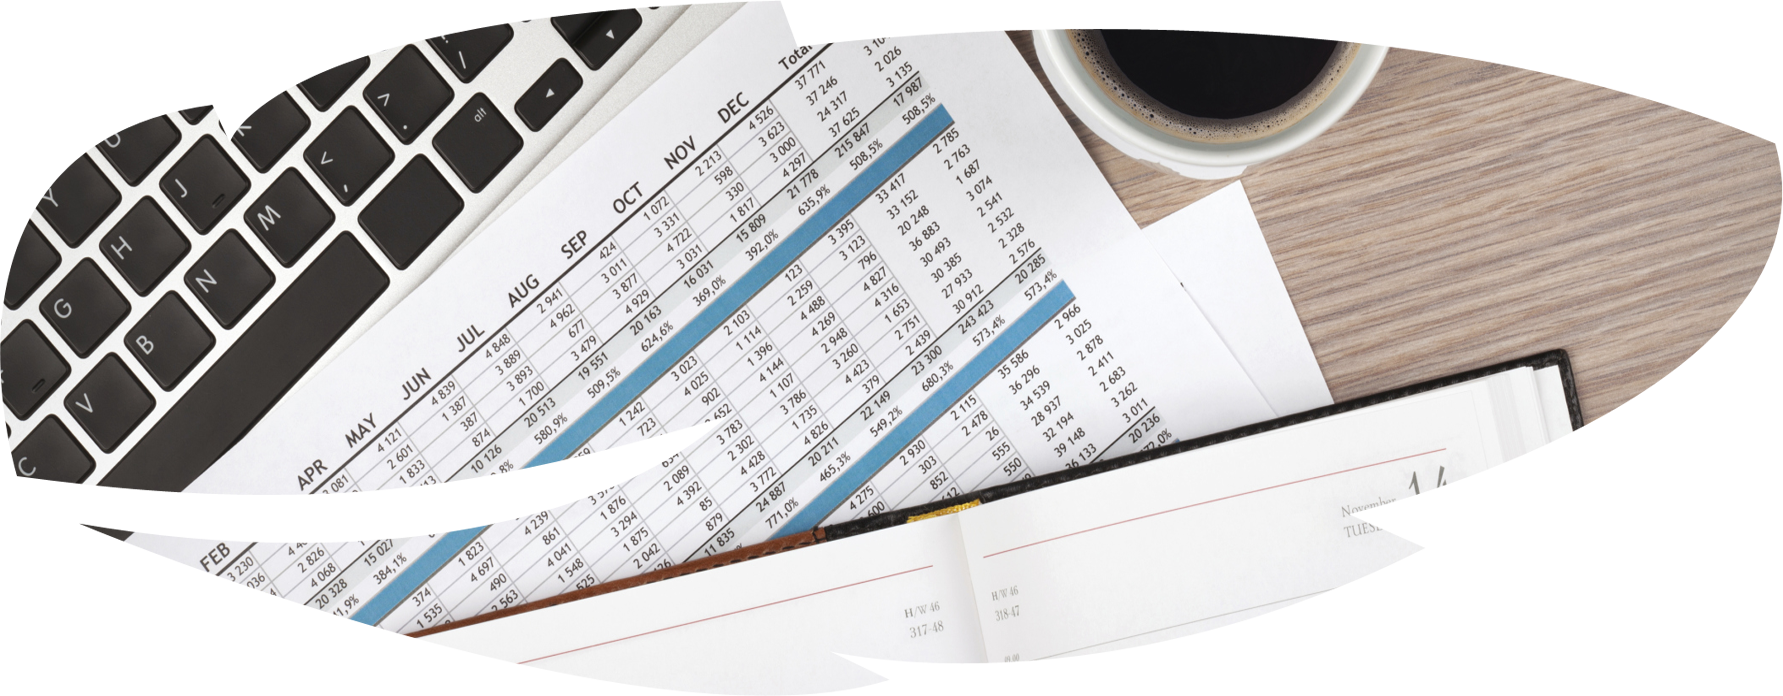 Prosperity Bookkeeping Financial Report